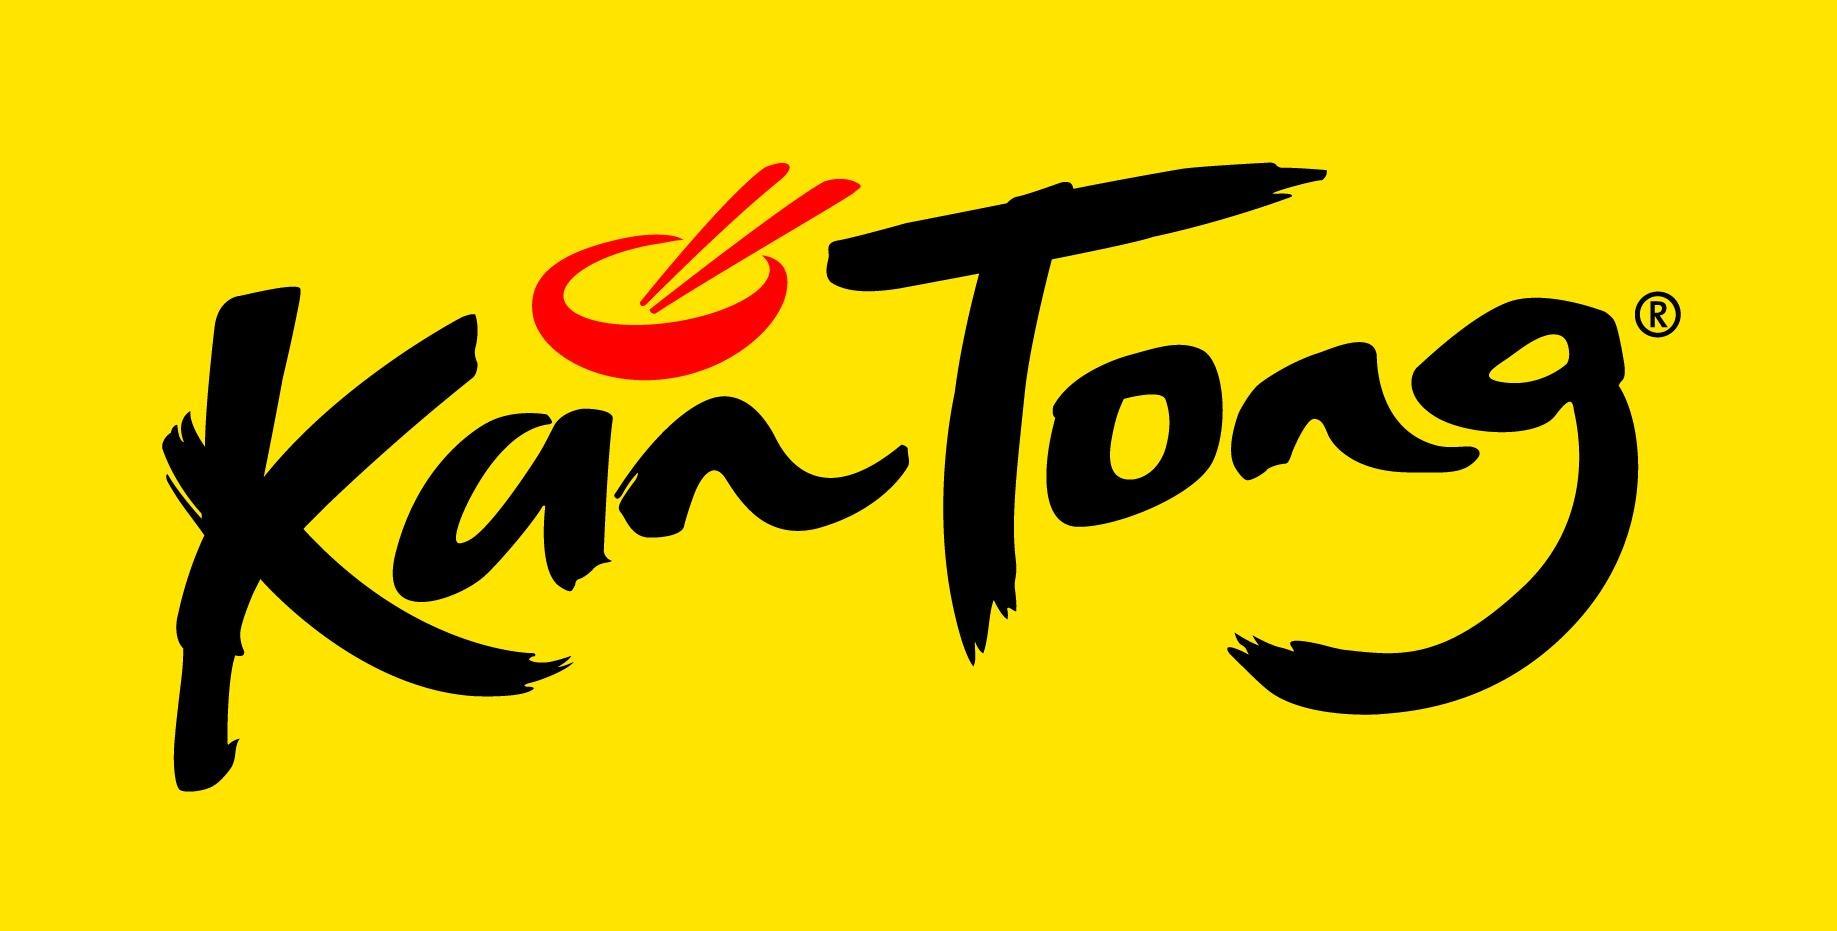 Kantong logo